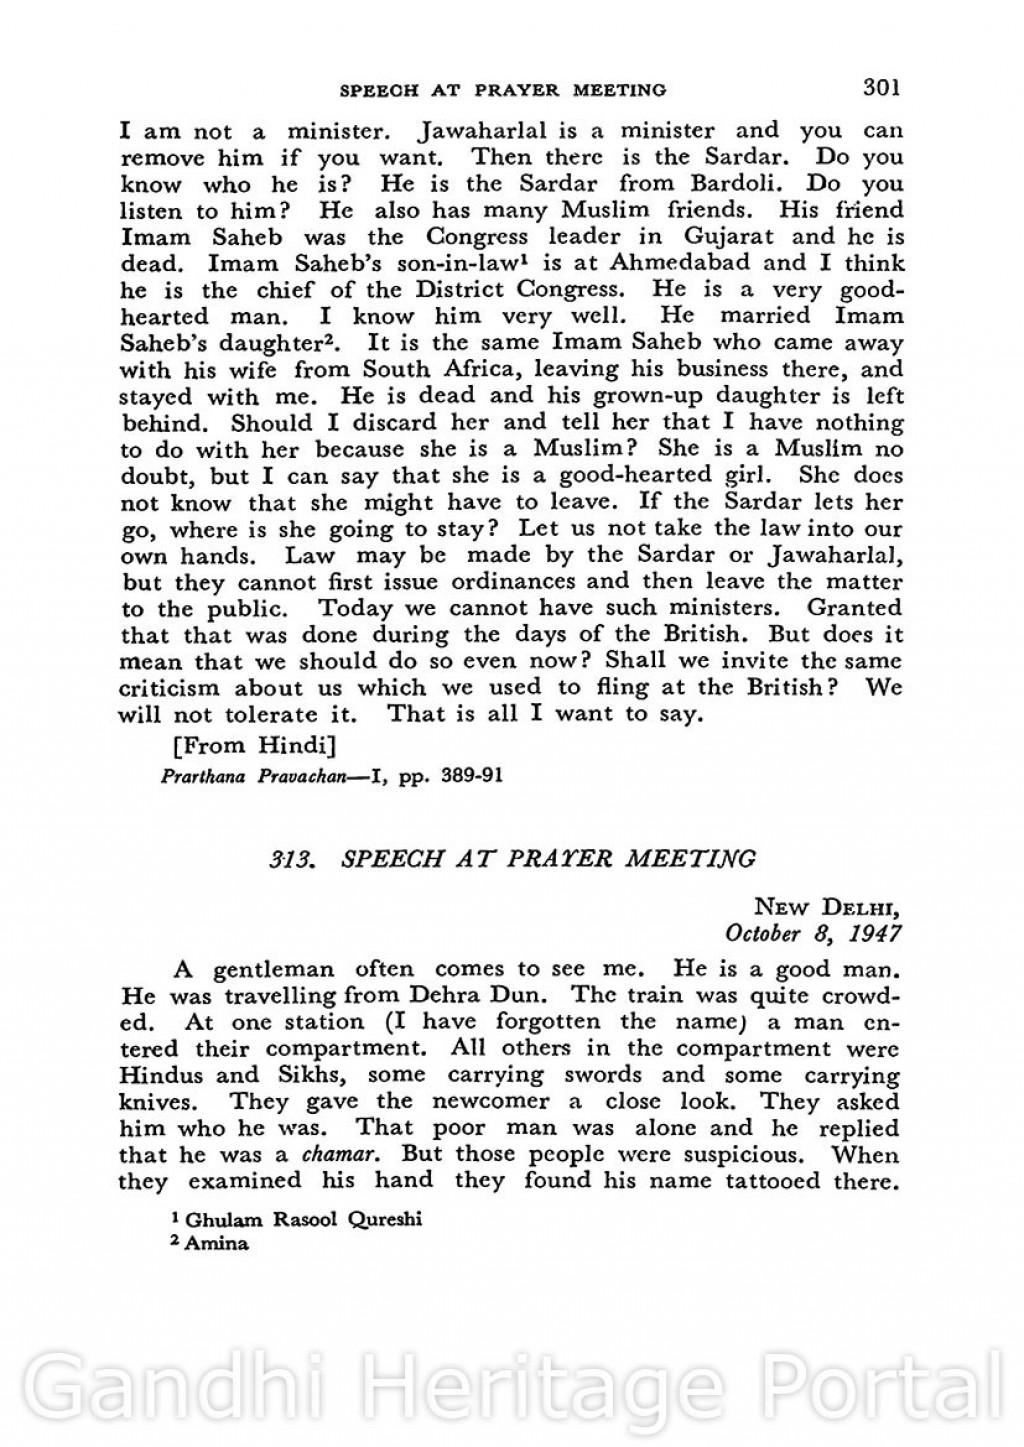 011 Mahatma Gandhi Essay In English Jayanti L Example Sensational Gandhiji Gujarati Pdf Free Download Hindi Language Ma Nibandh Large